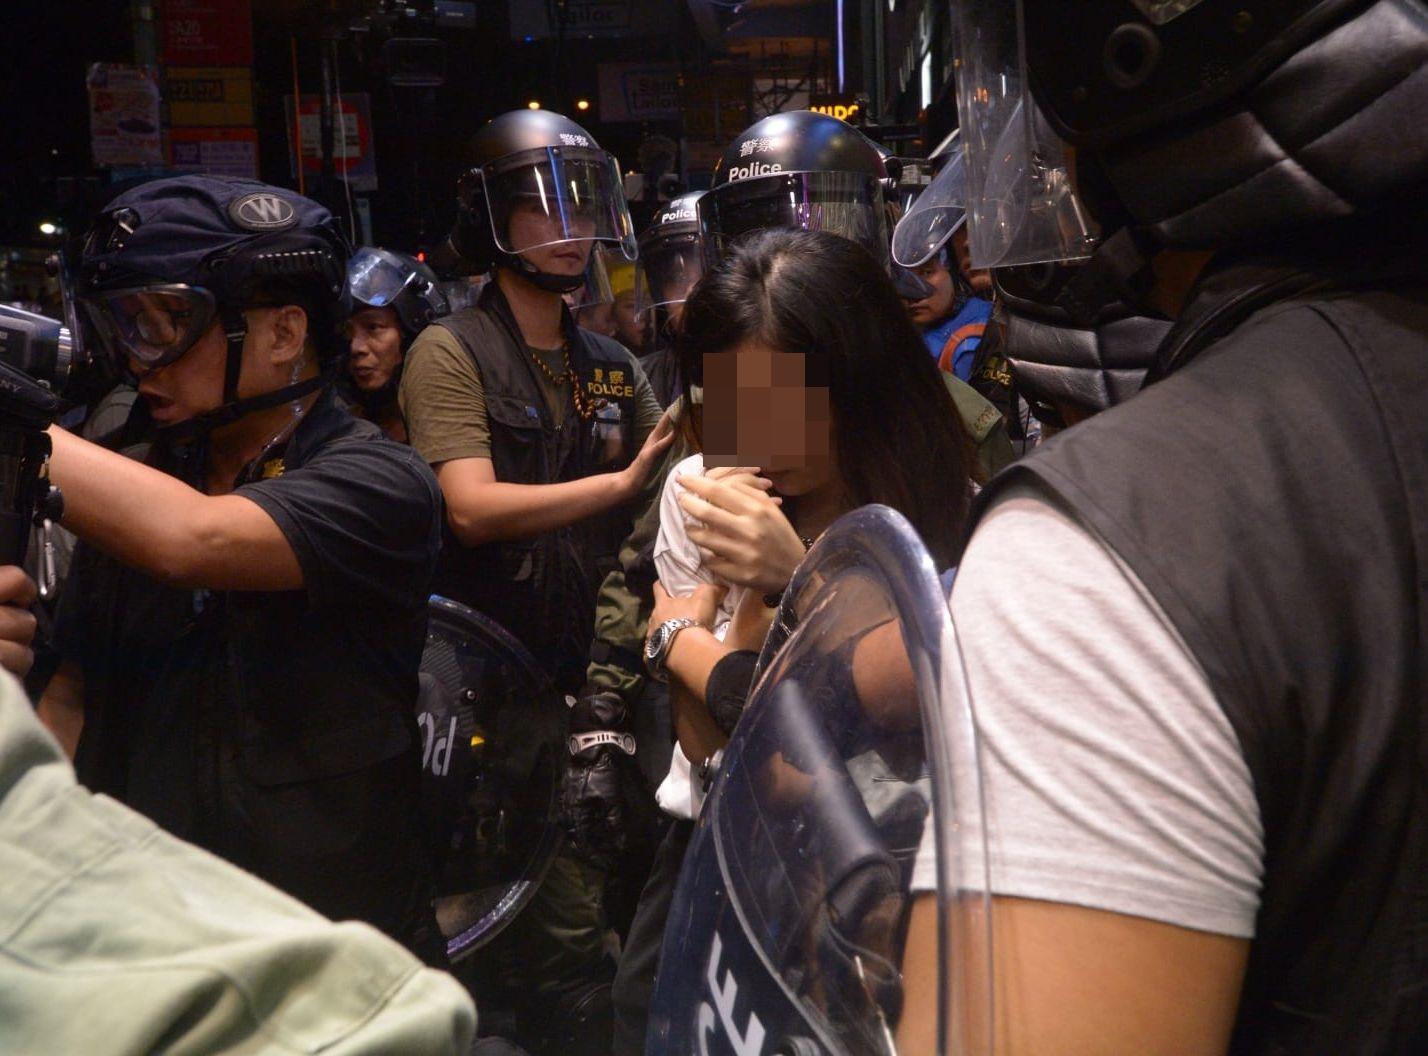 國泰航空澄清尖沙嘴被捕女子非員工。資料圖片